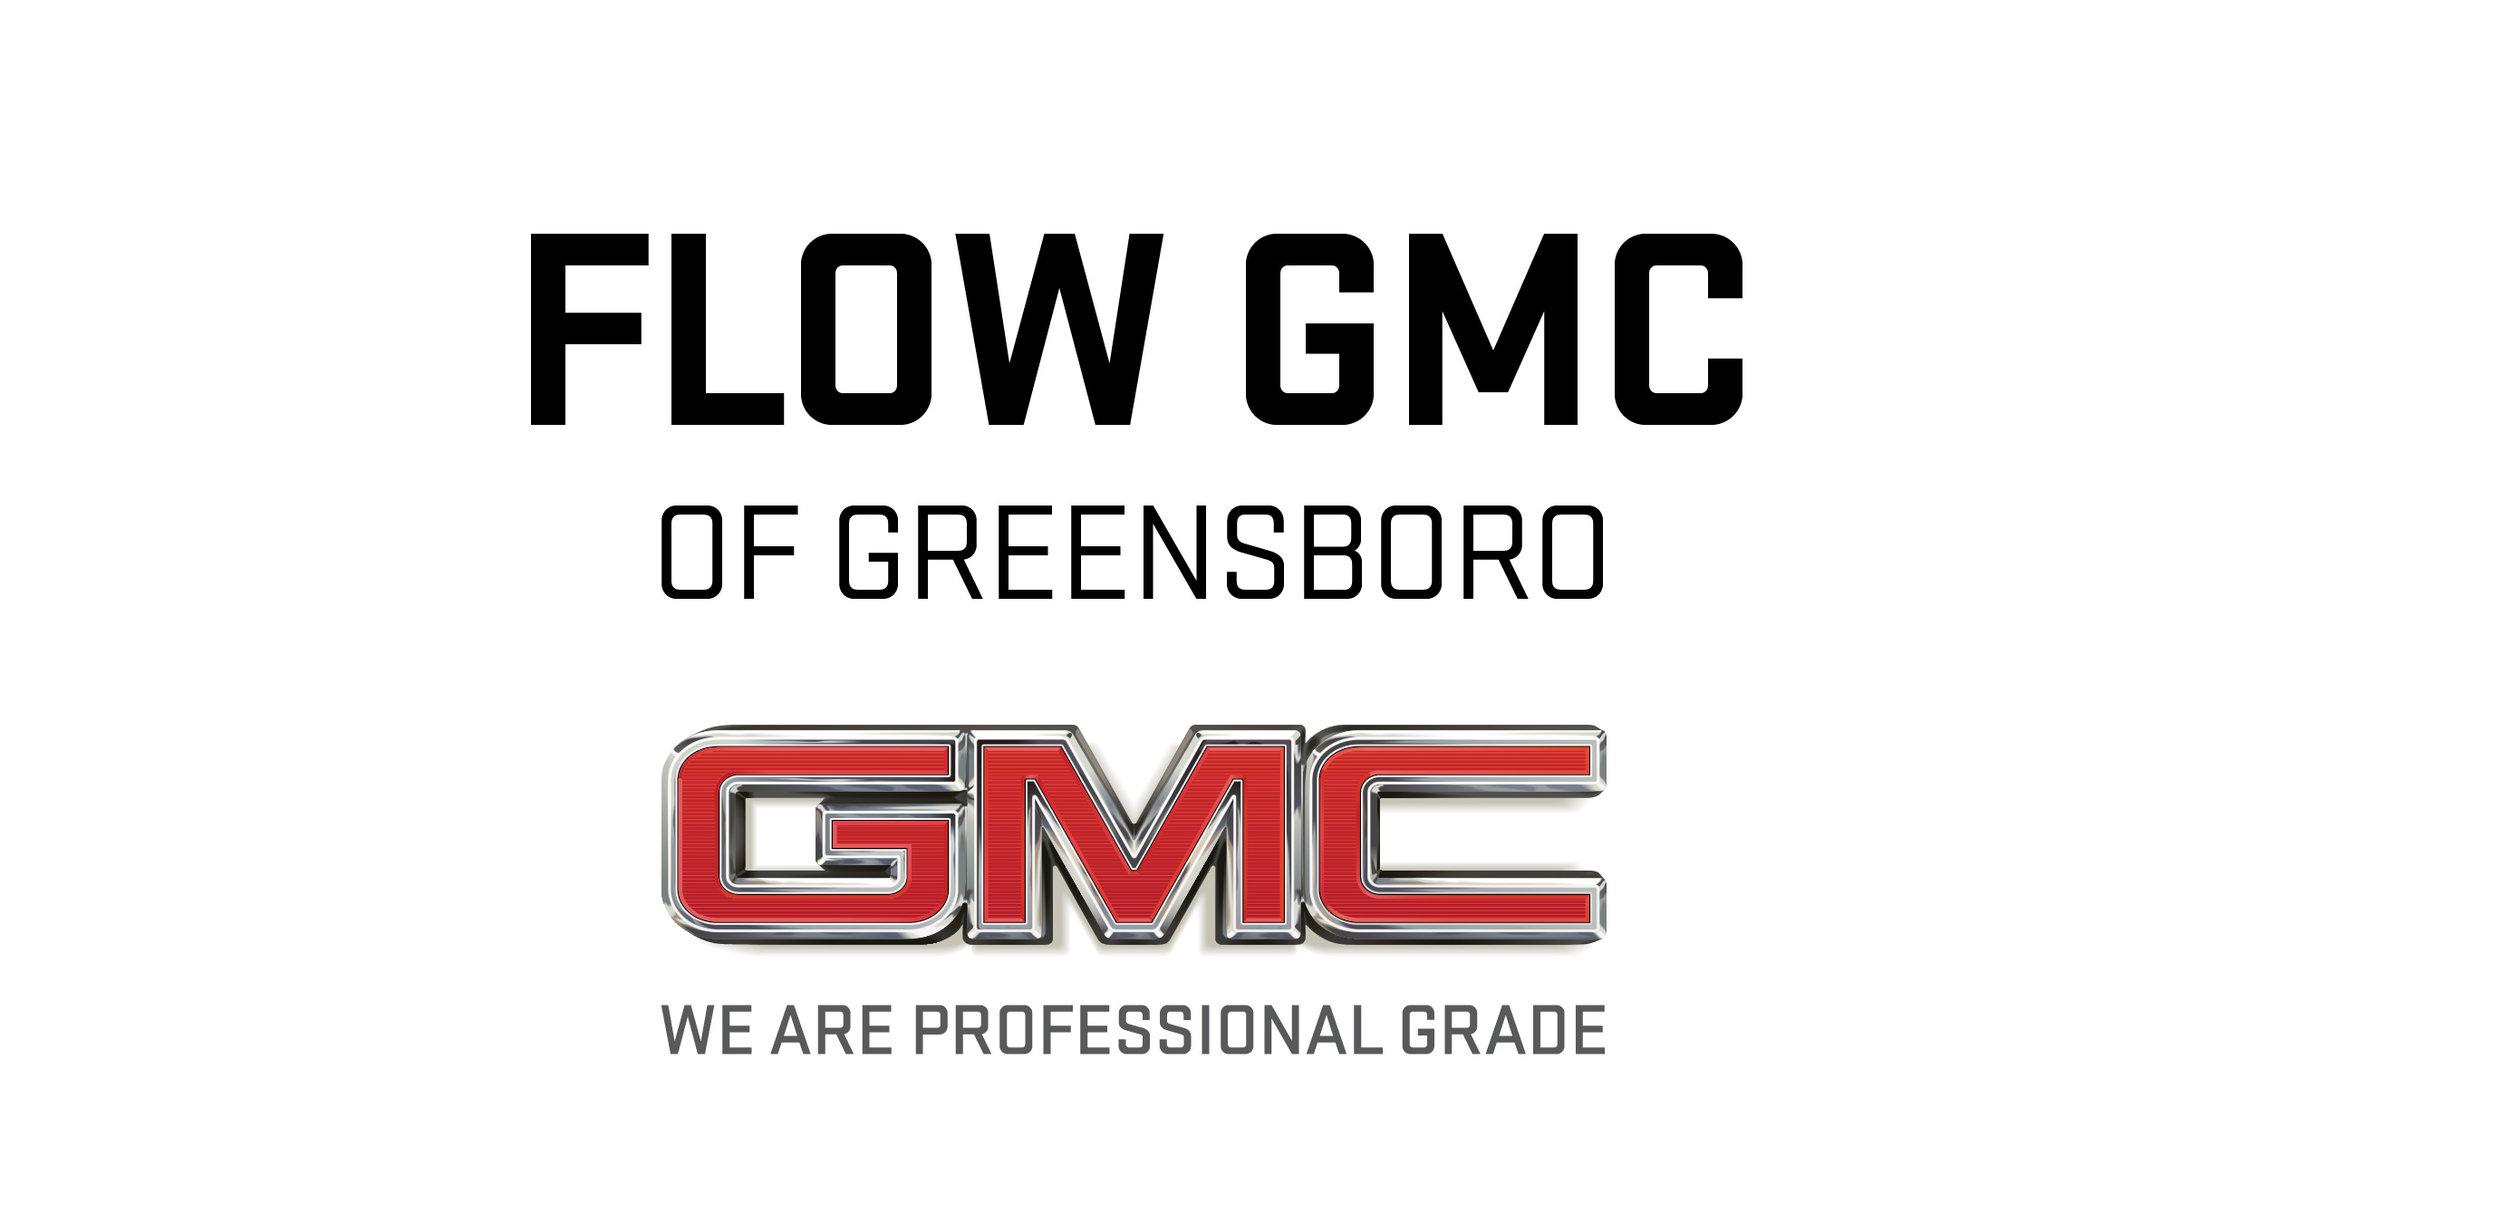 FlowGMC-GSO-logo-2017-2.jpg